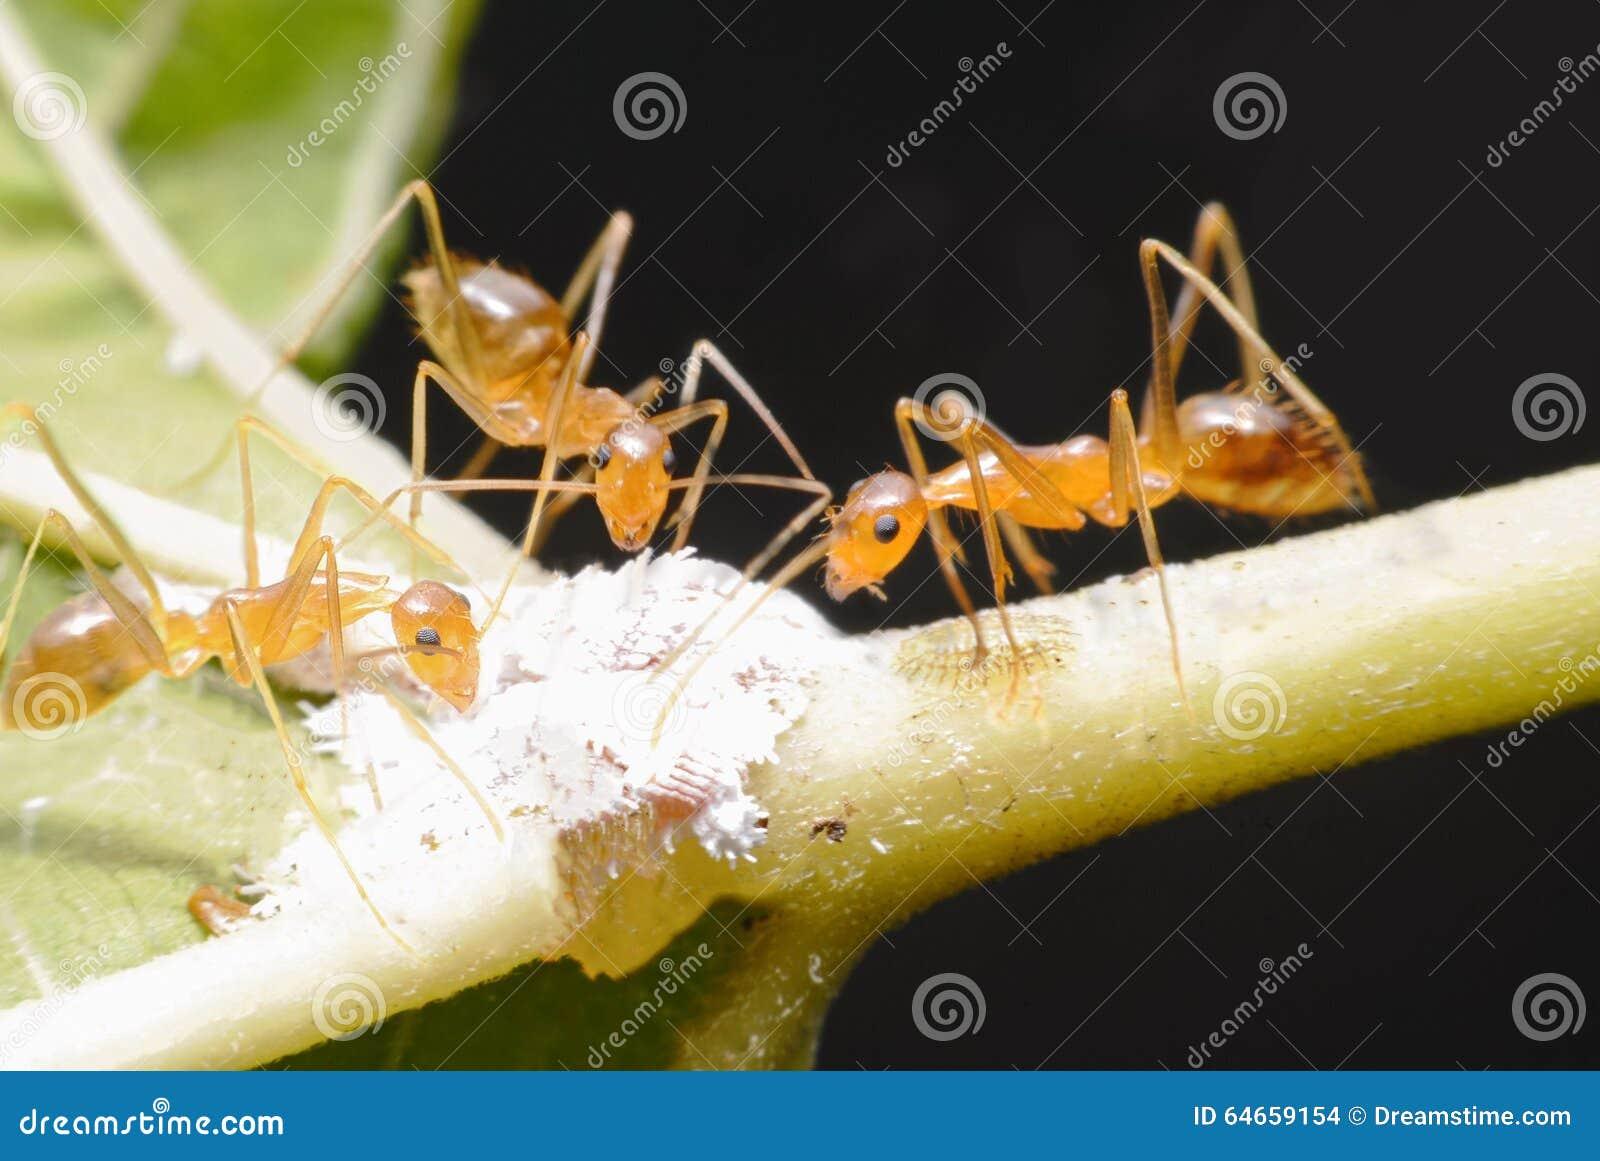 Drei Ameisen essen